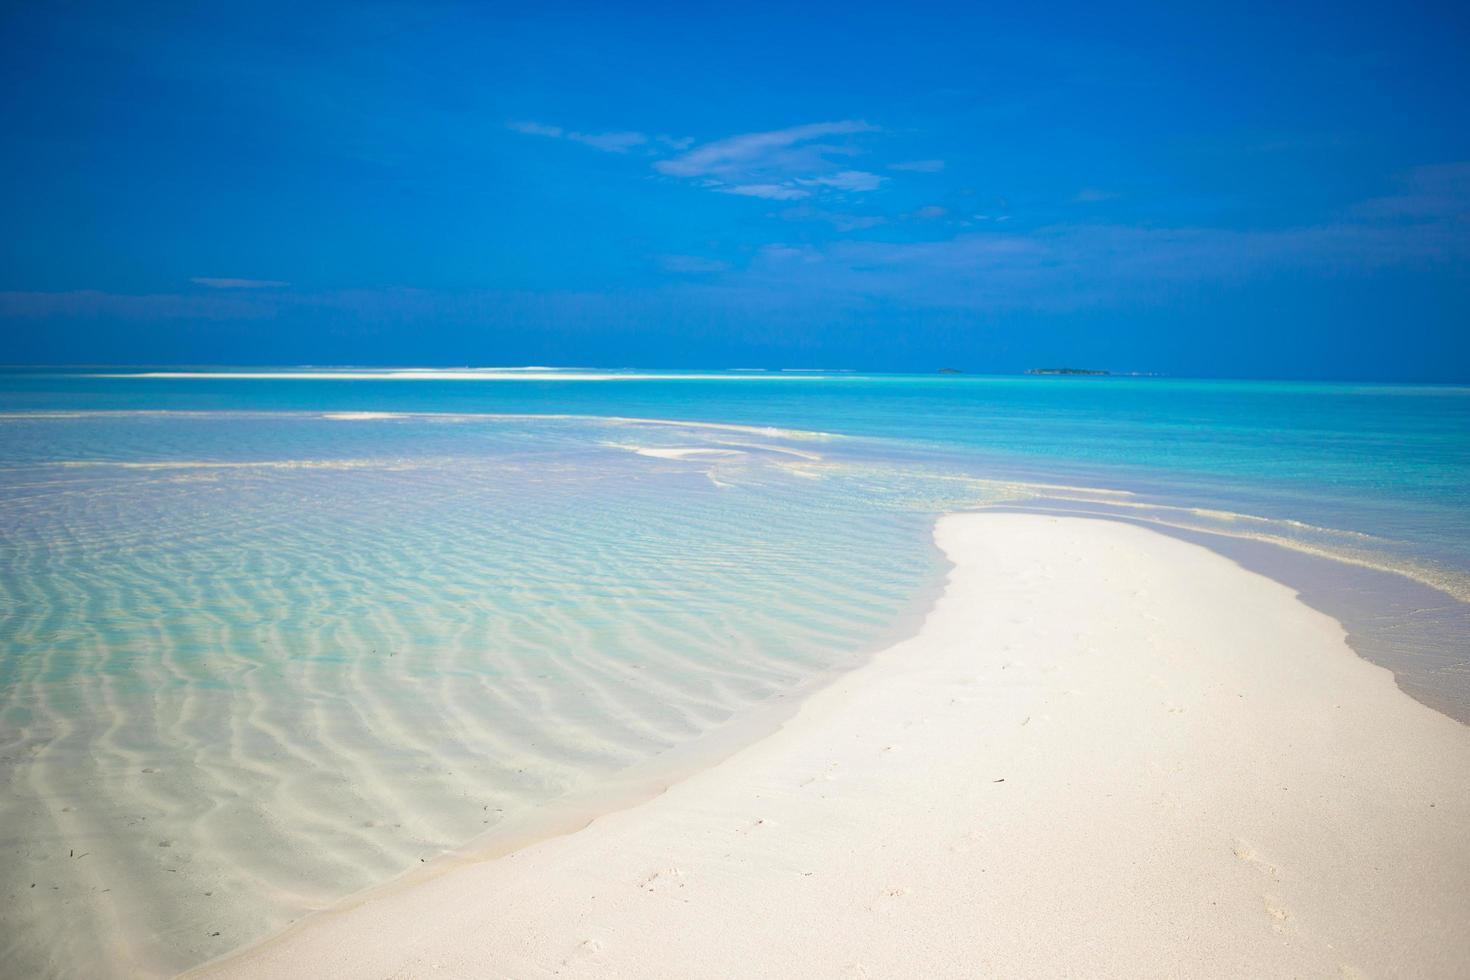 barra de arena en agua tropical foto